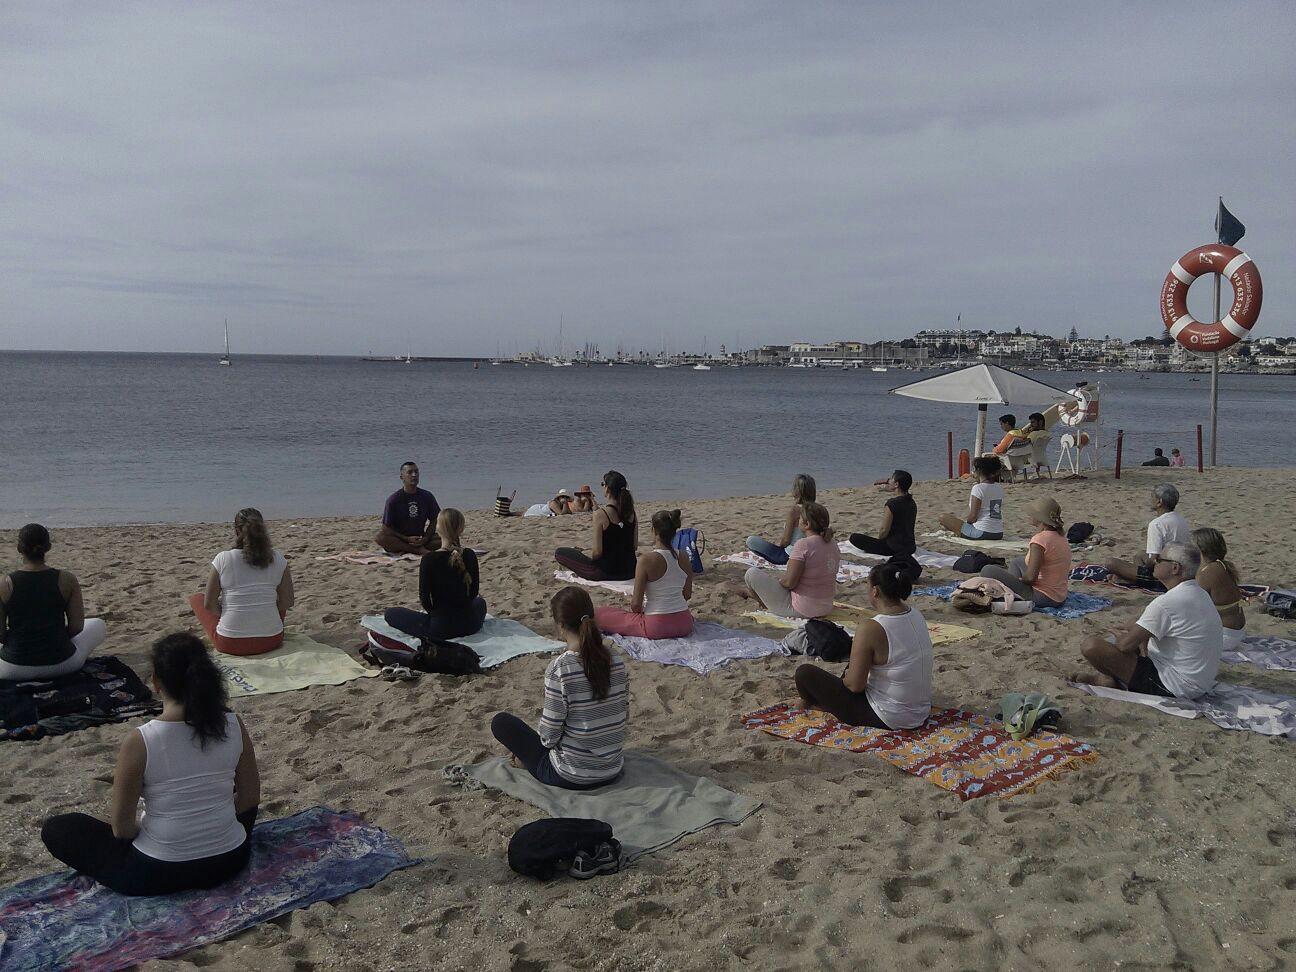 ioga praia da moitas em cascais 06.jpg